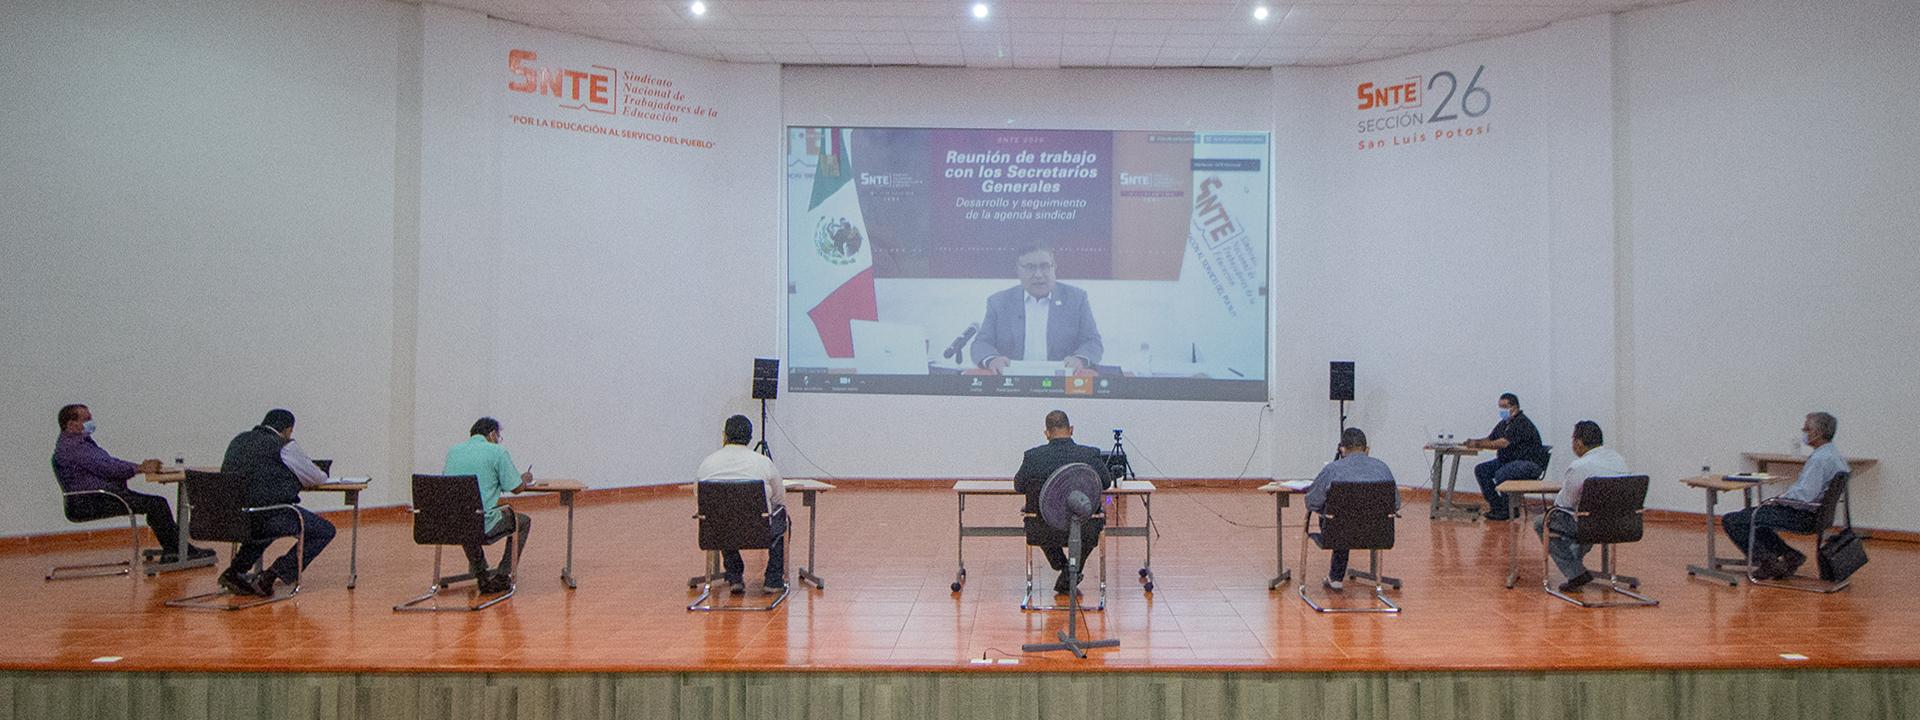 Reunión de trabajo del Maestro Alfonso Cepeda Salas con Secretarios Generales del país